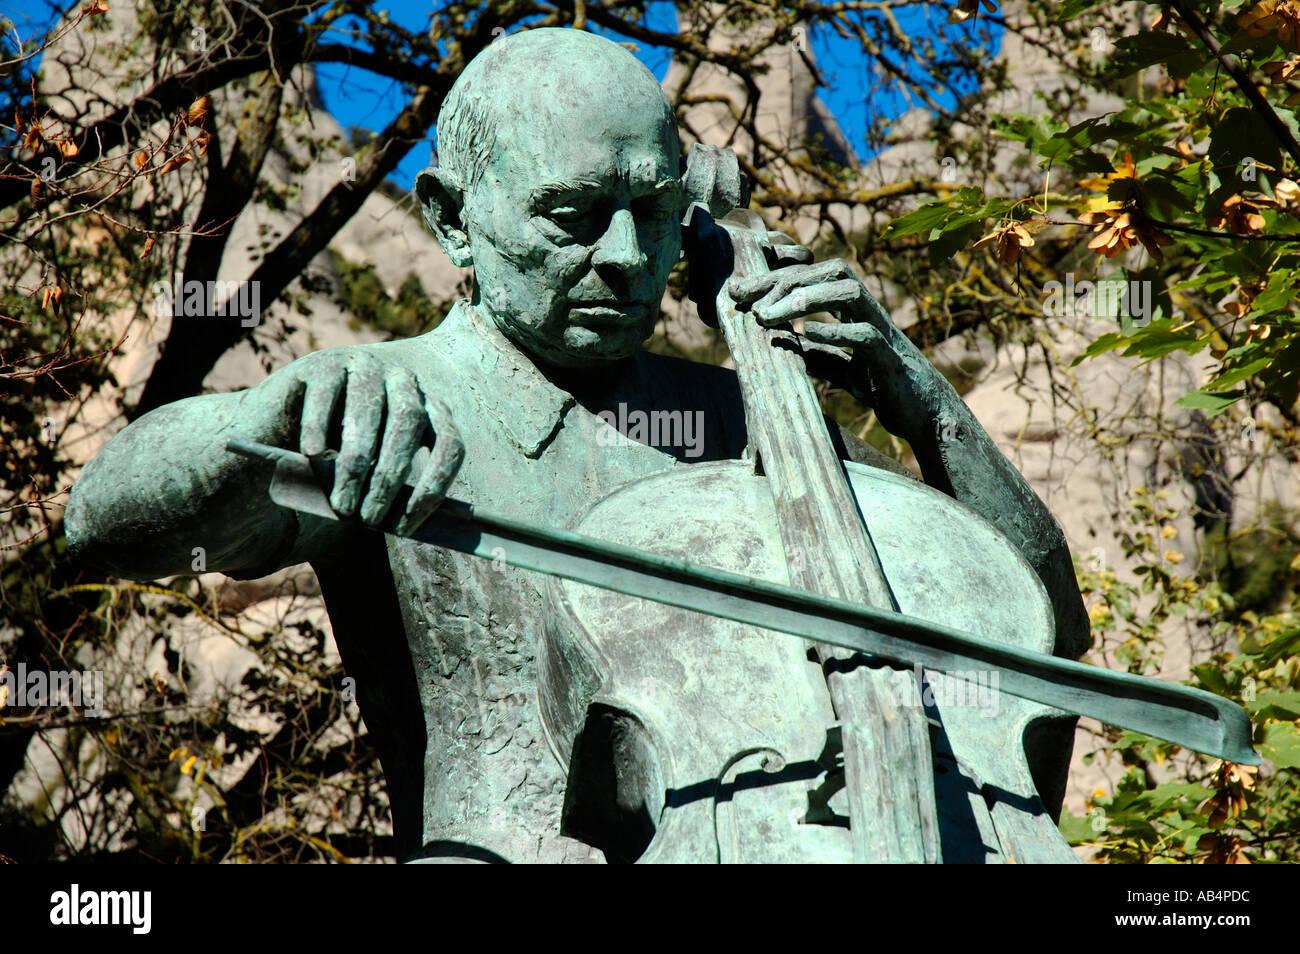 Estatua del violonchelista Pablo Casals, Montserrat, Cataluña, España Imagen De Stock